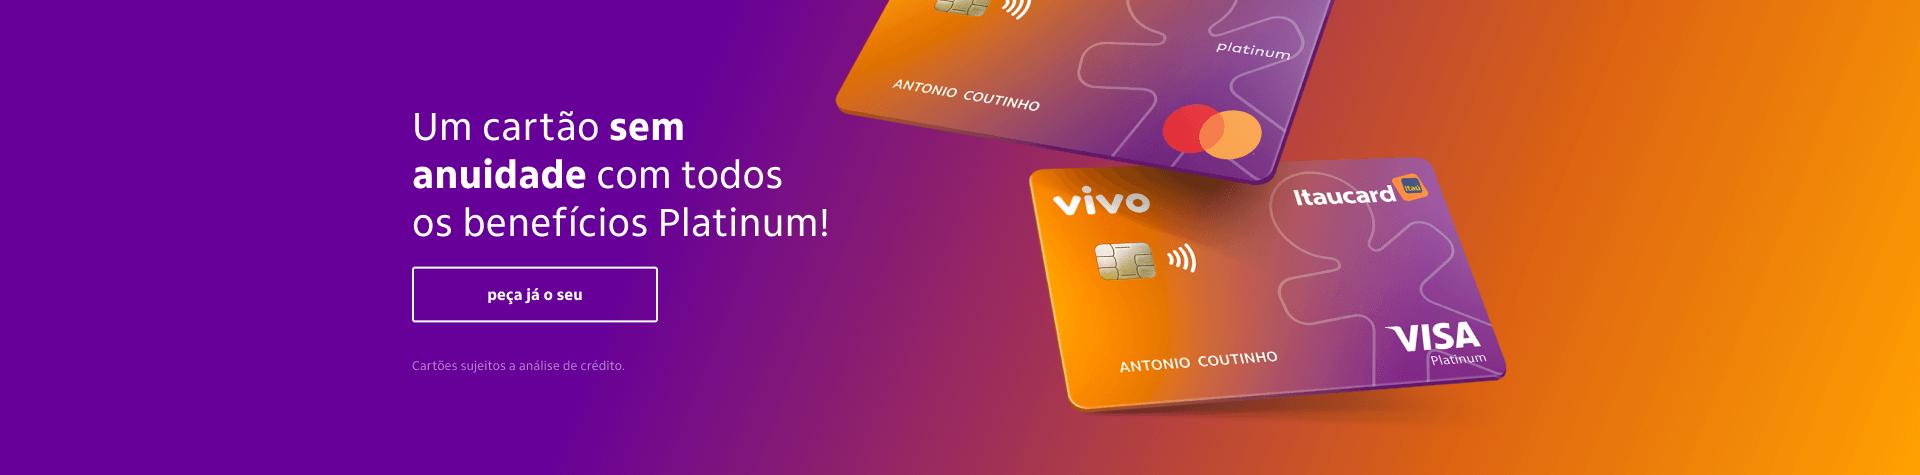 vivo-sem-anuidade-platinum-desktop